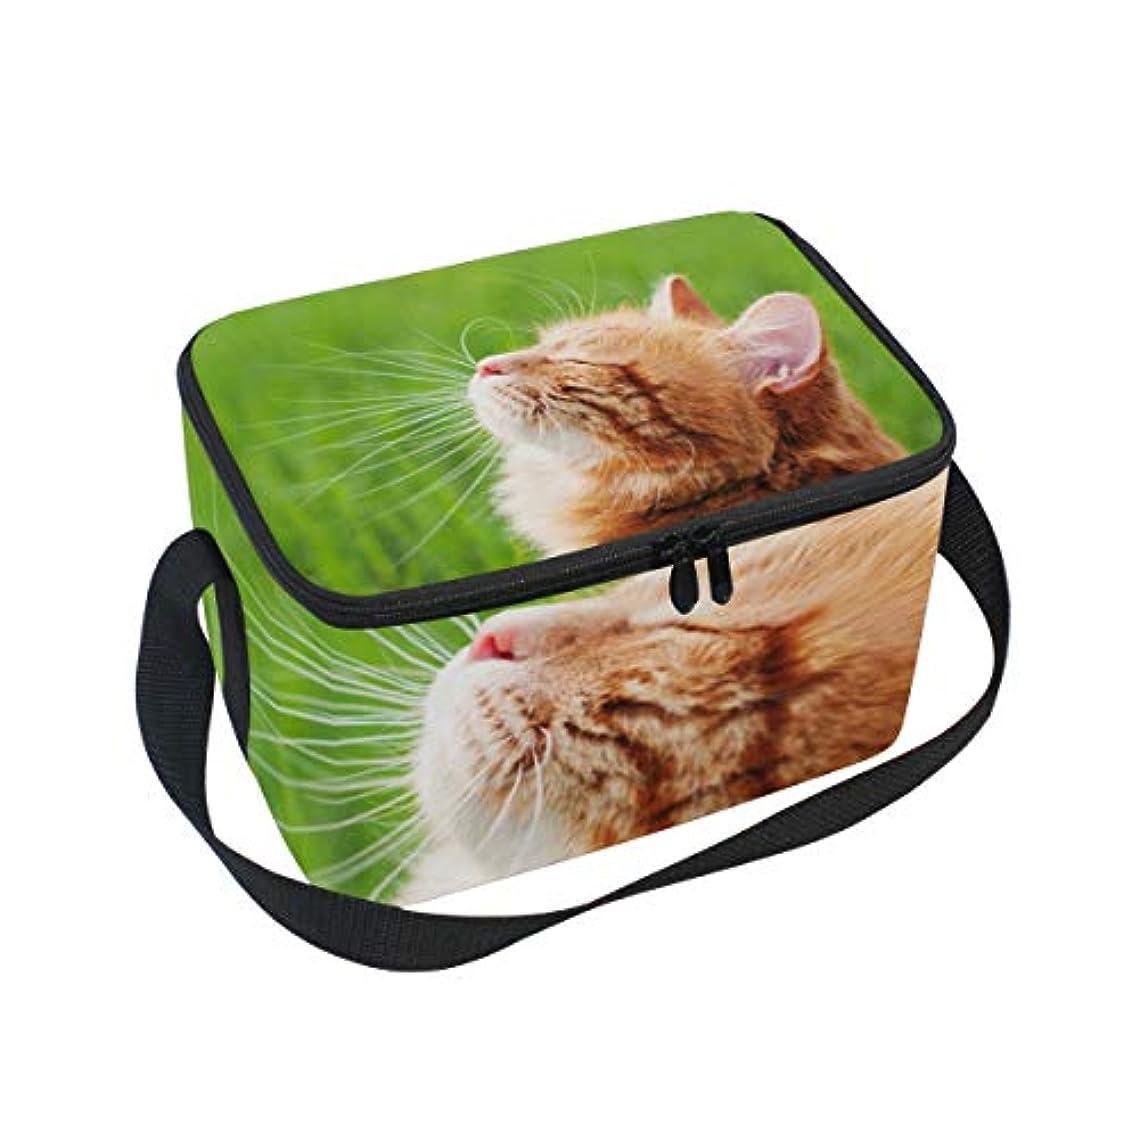 作家縞模様の底クーラーバッグ クーラーボックス ソフトクーラ 冷蔵ボックス キャンプ用品 横顔の猫柄 保冷保温 大容量 肩掛け お花見 アウトドア